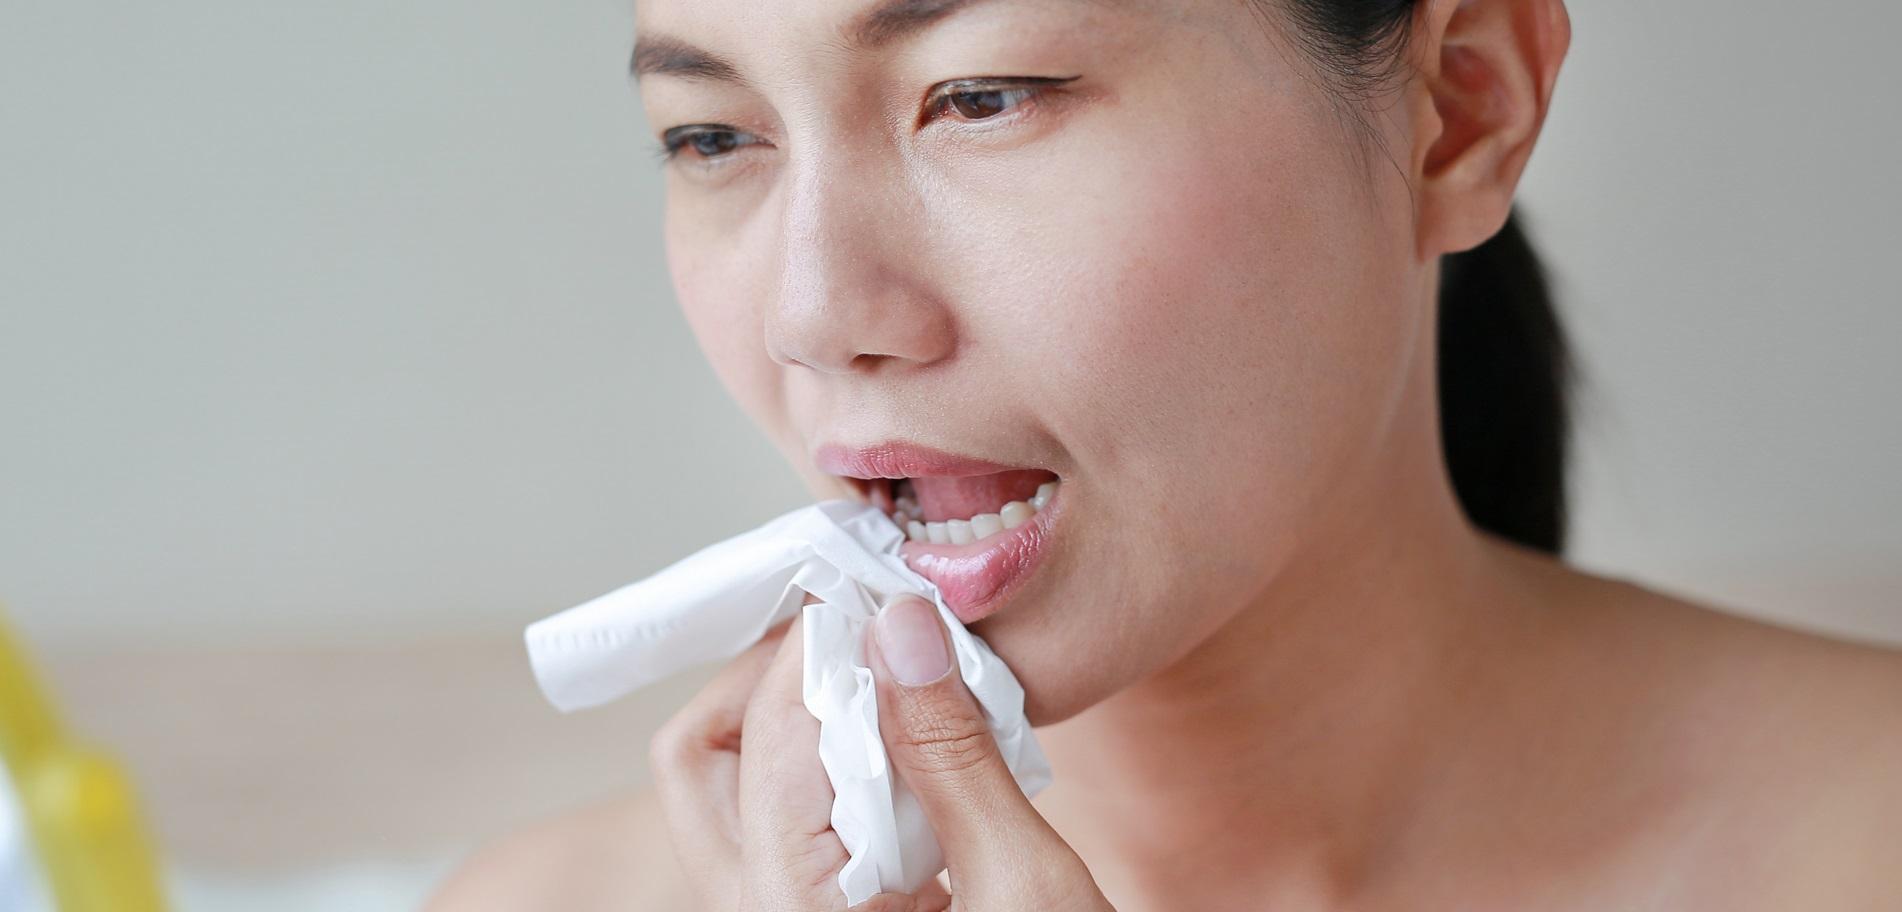 卸妝反讓肌膚變更差?醫師破解:你未必需要卸妝油